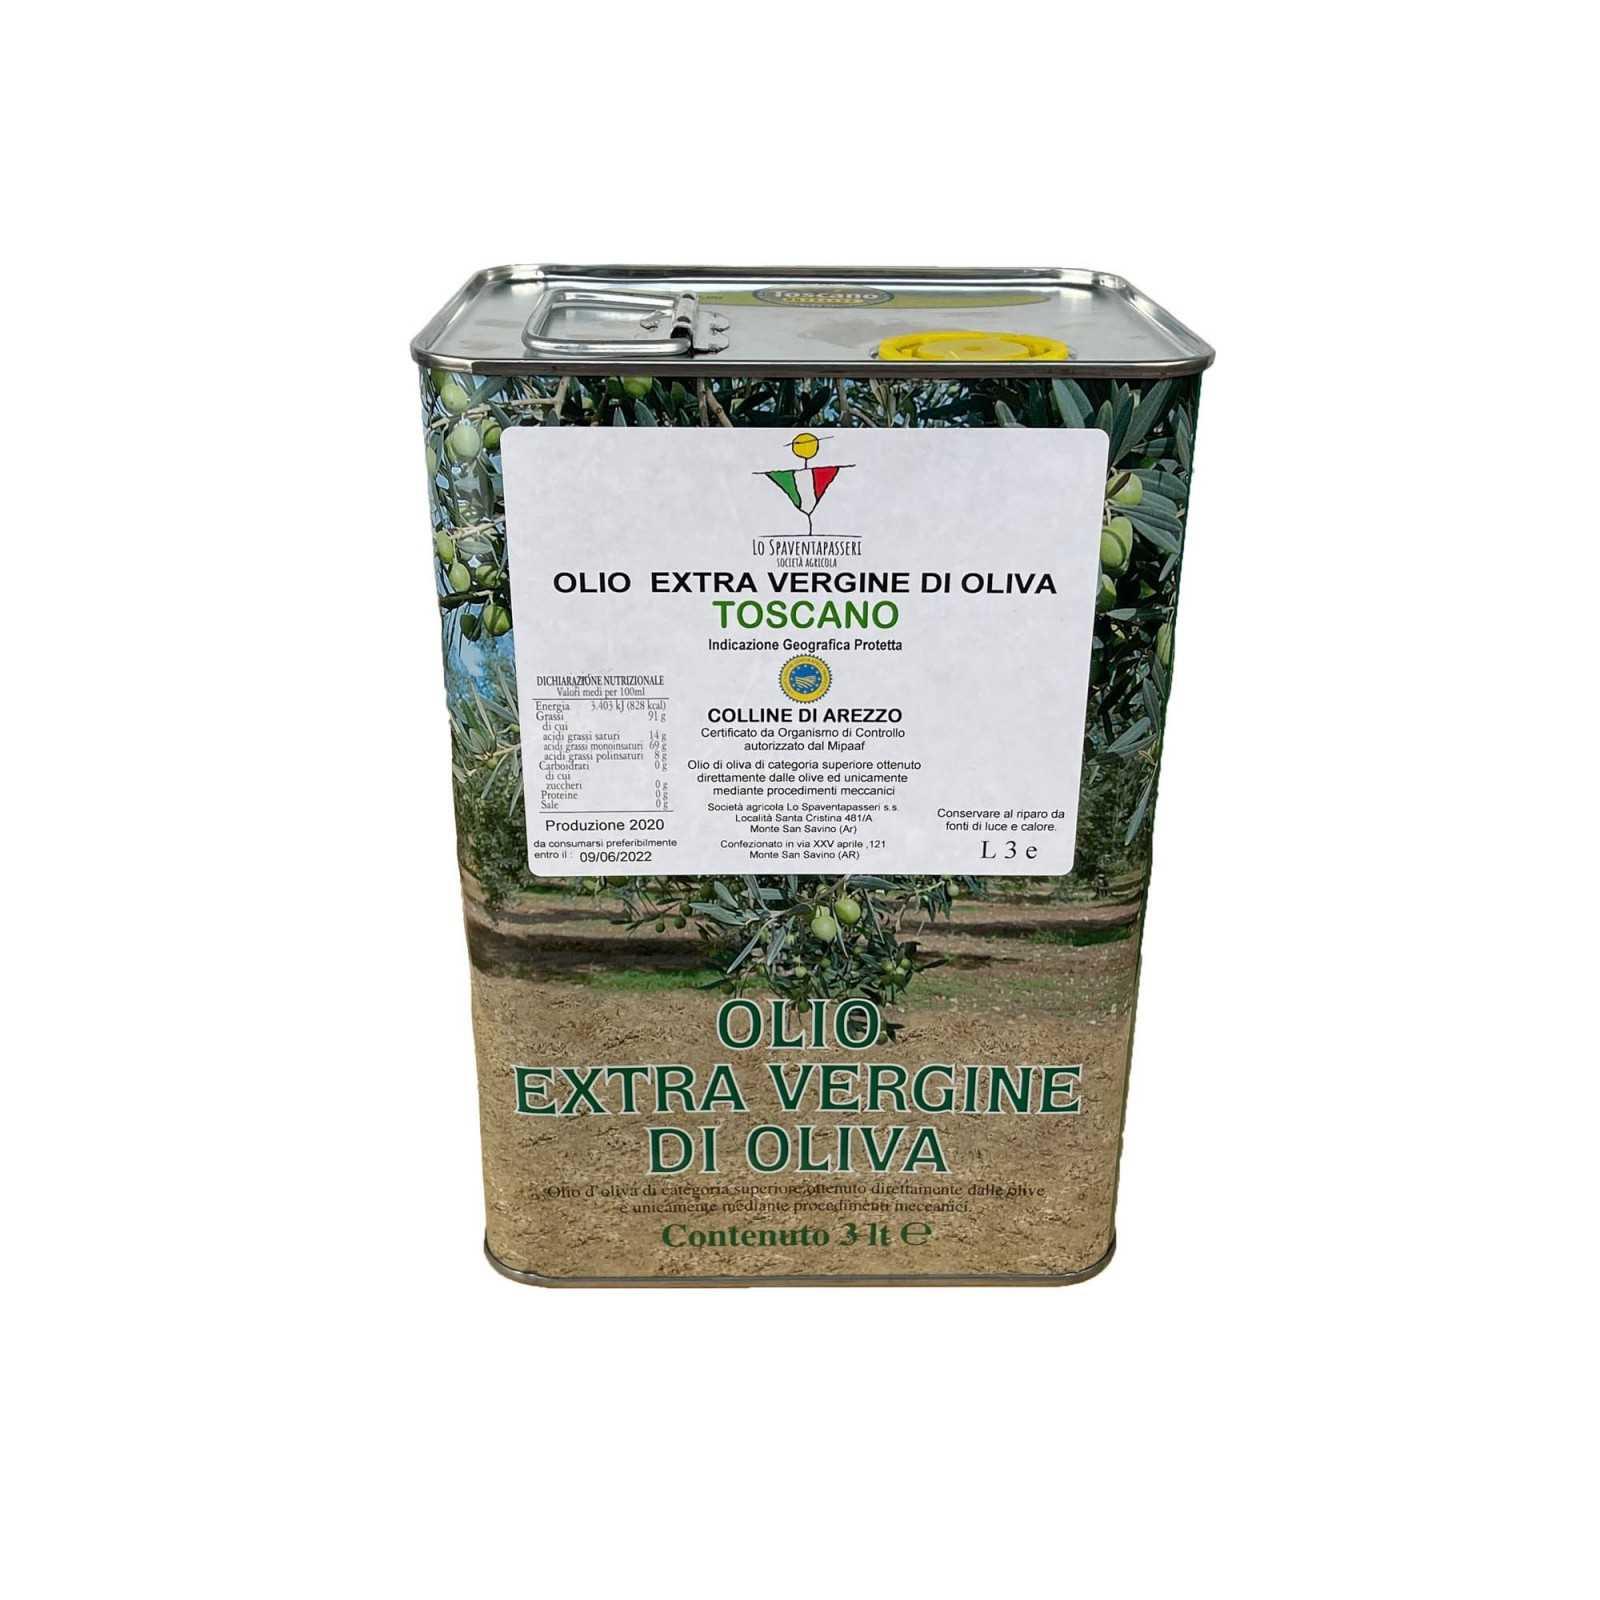 """""""Lo Spaventapasseri"""", toskanisches Olivenöl extra vergine, handgefertigt, mit Kaltextraktionsverfahren, aus Oliven von Hügeln in der Nähe von Arezzo - Produktionsjahr 2020/2021."""